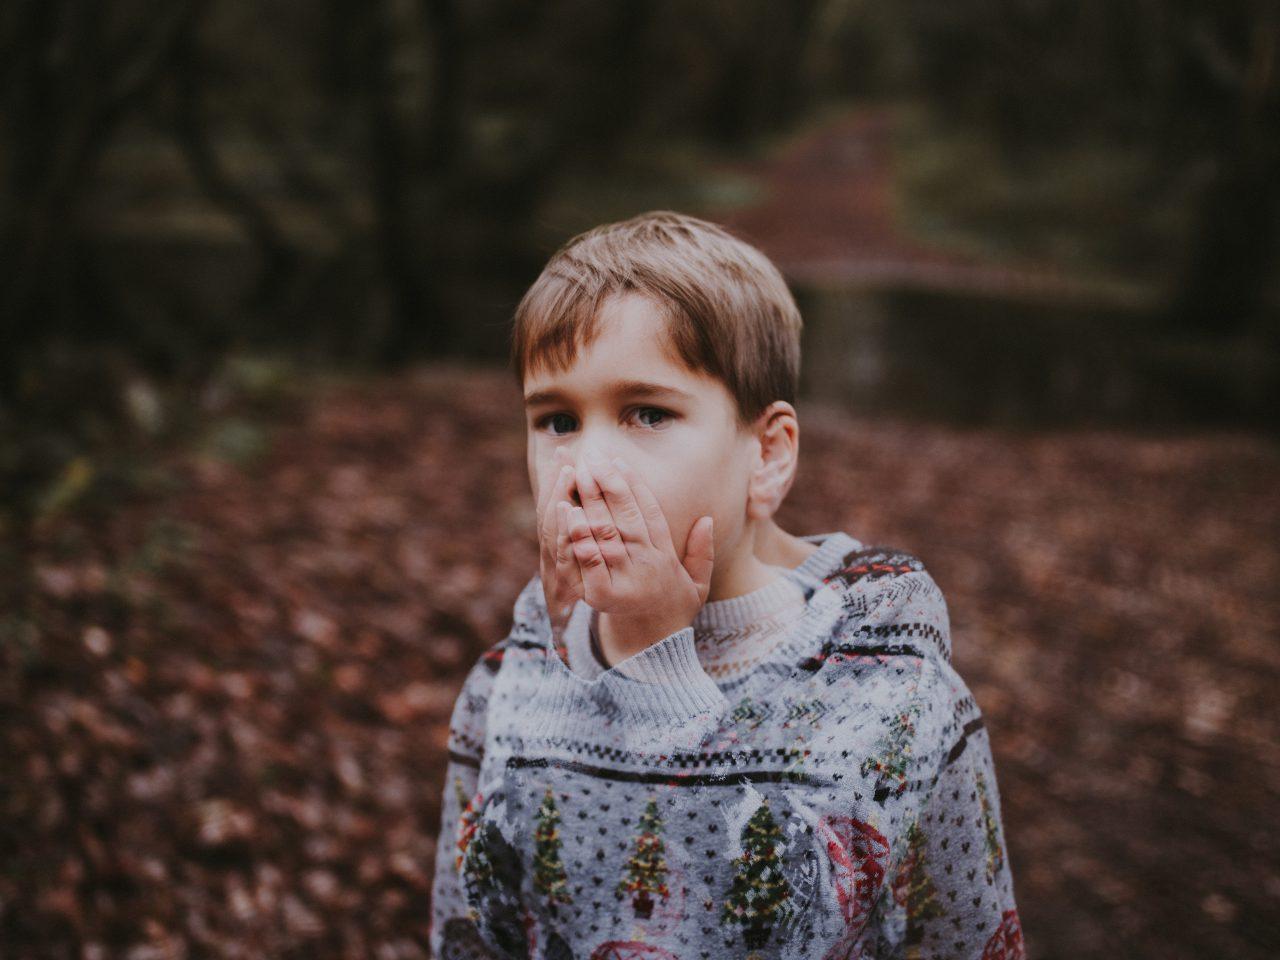 Los niños ante la violencia e inseguridad, ¿qué hacer?